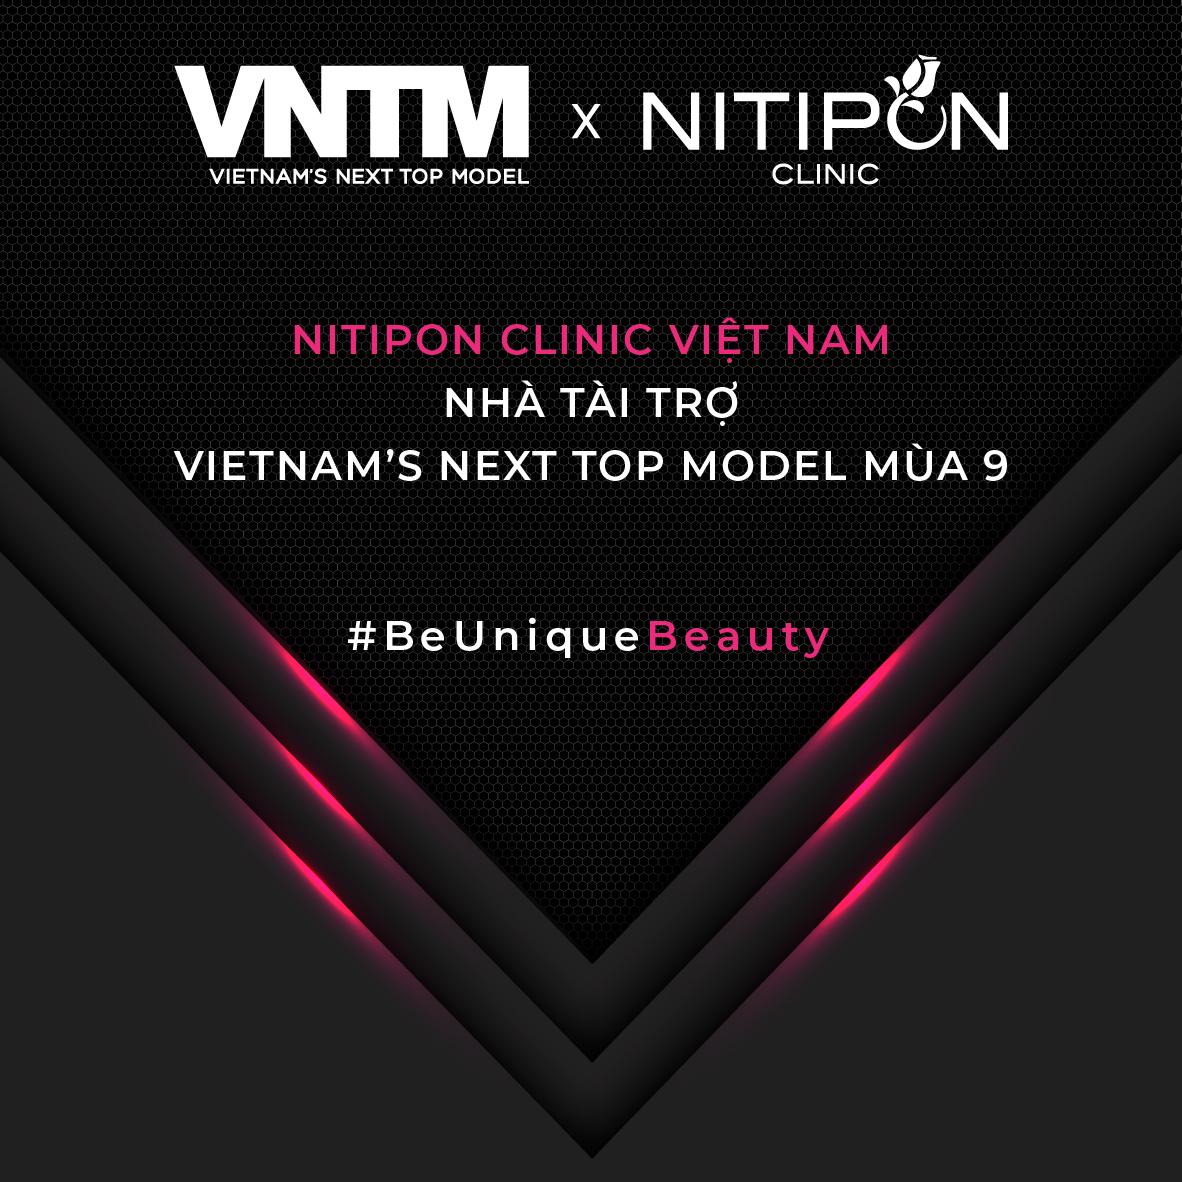 Nitipon đồng hành cùng VNTM